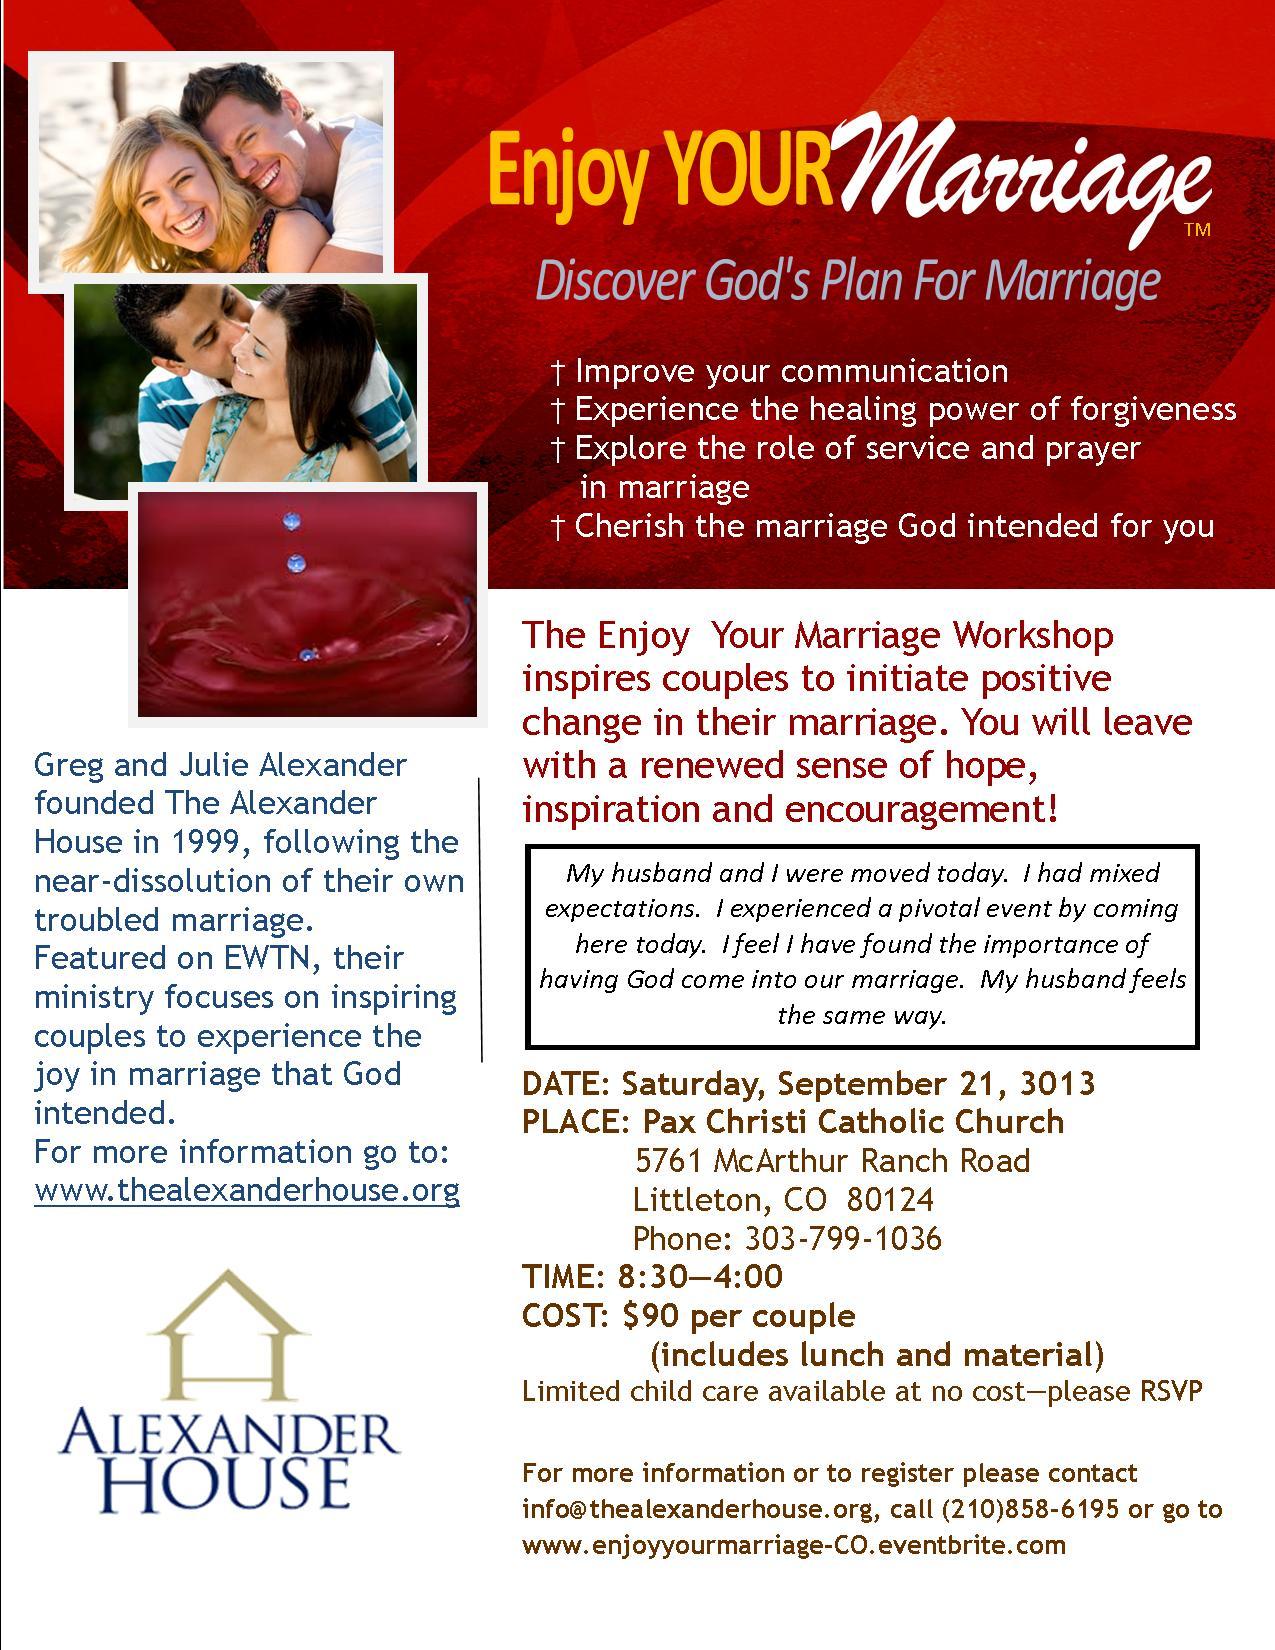 ENJOY YOUR MARRIAGE WORKSHOP - COLORADO